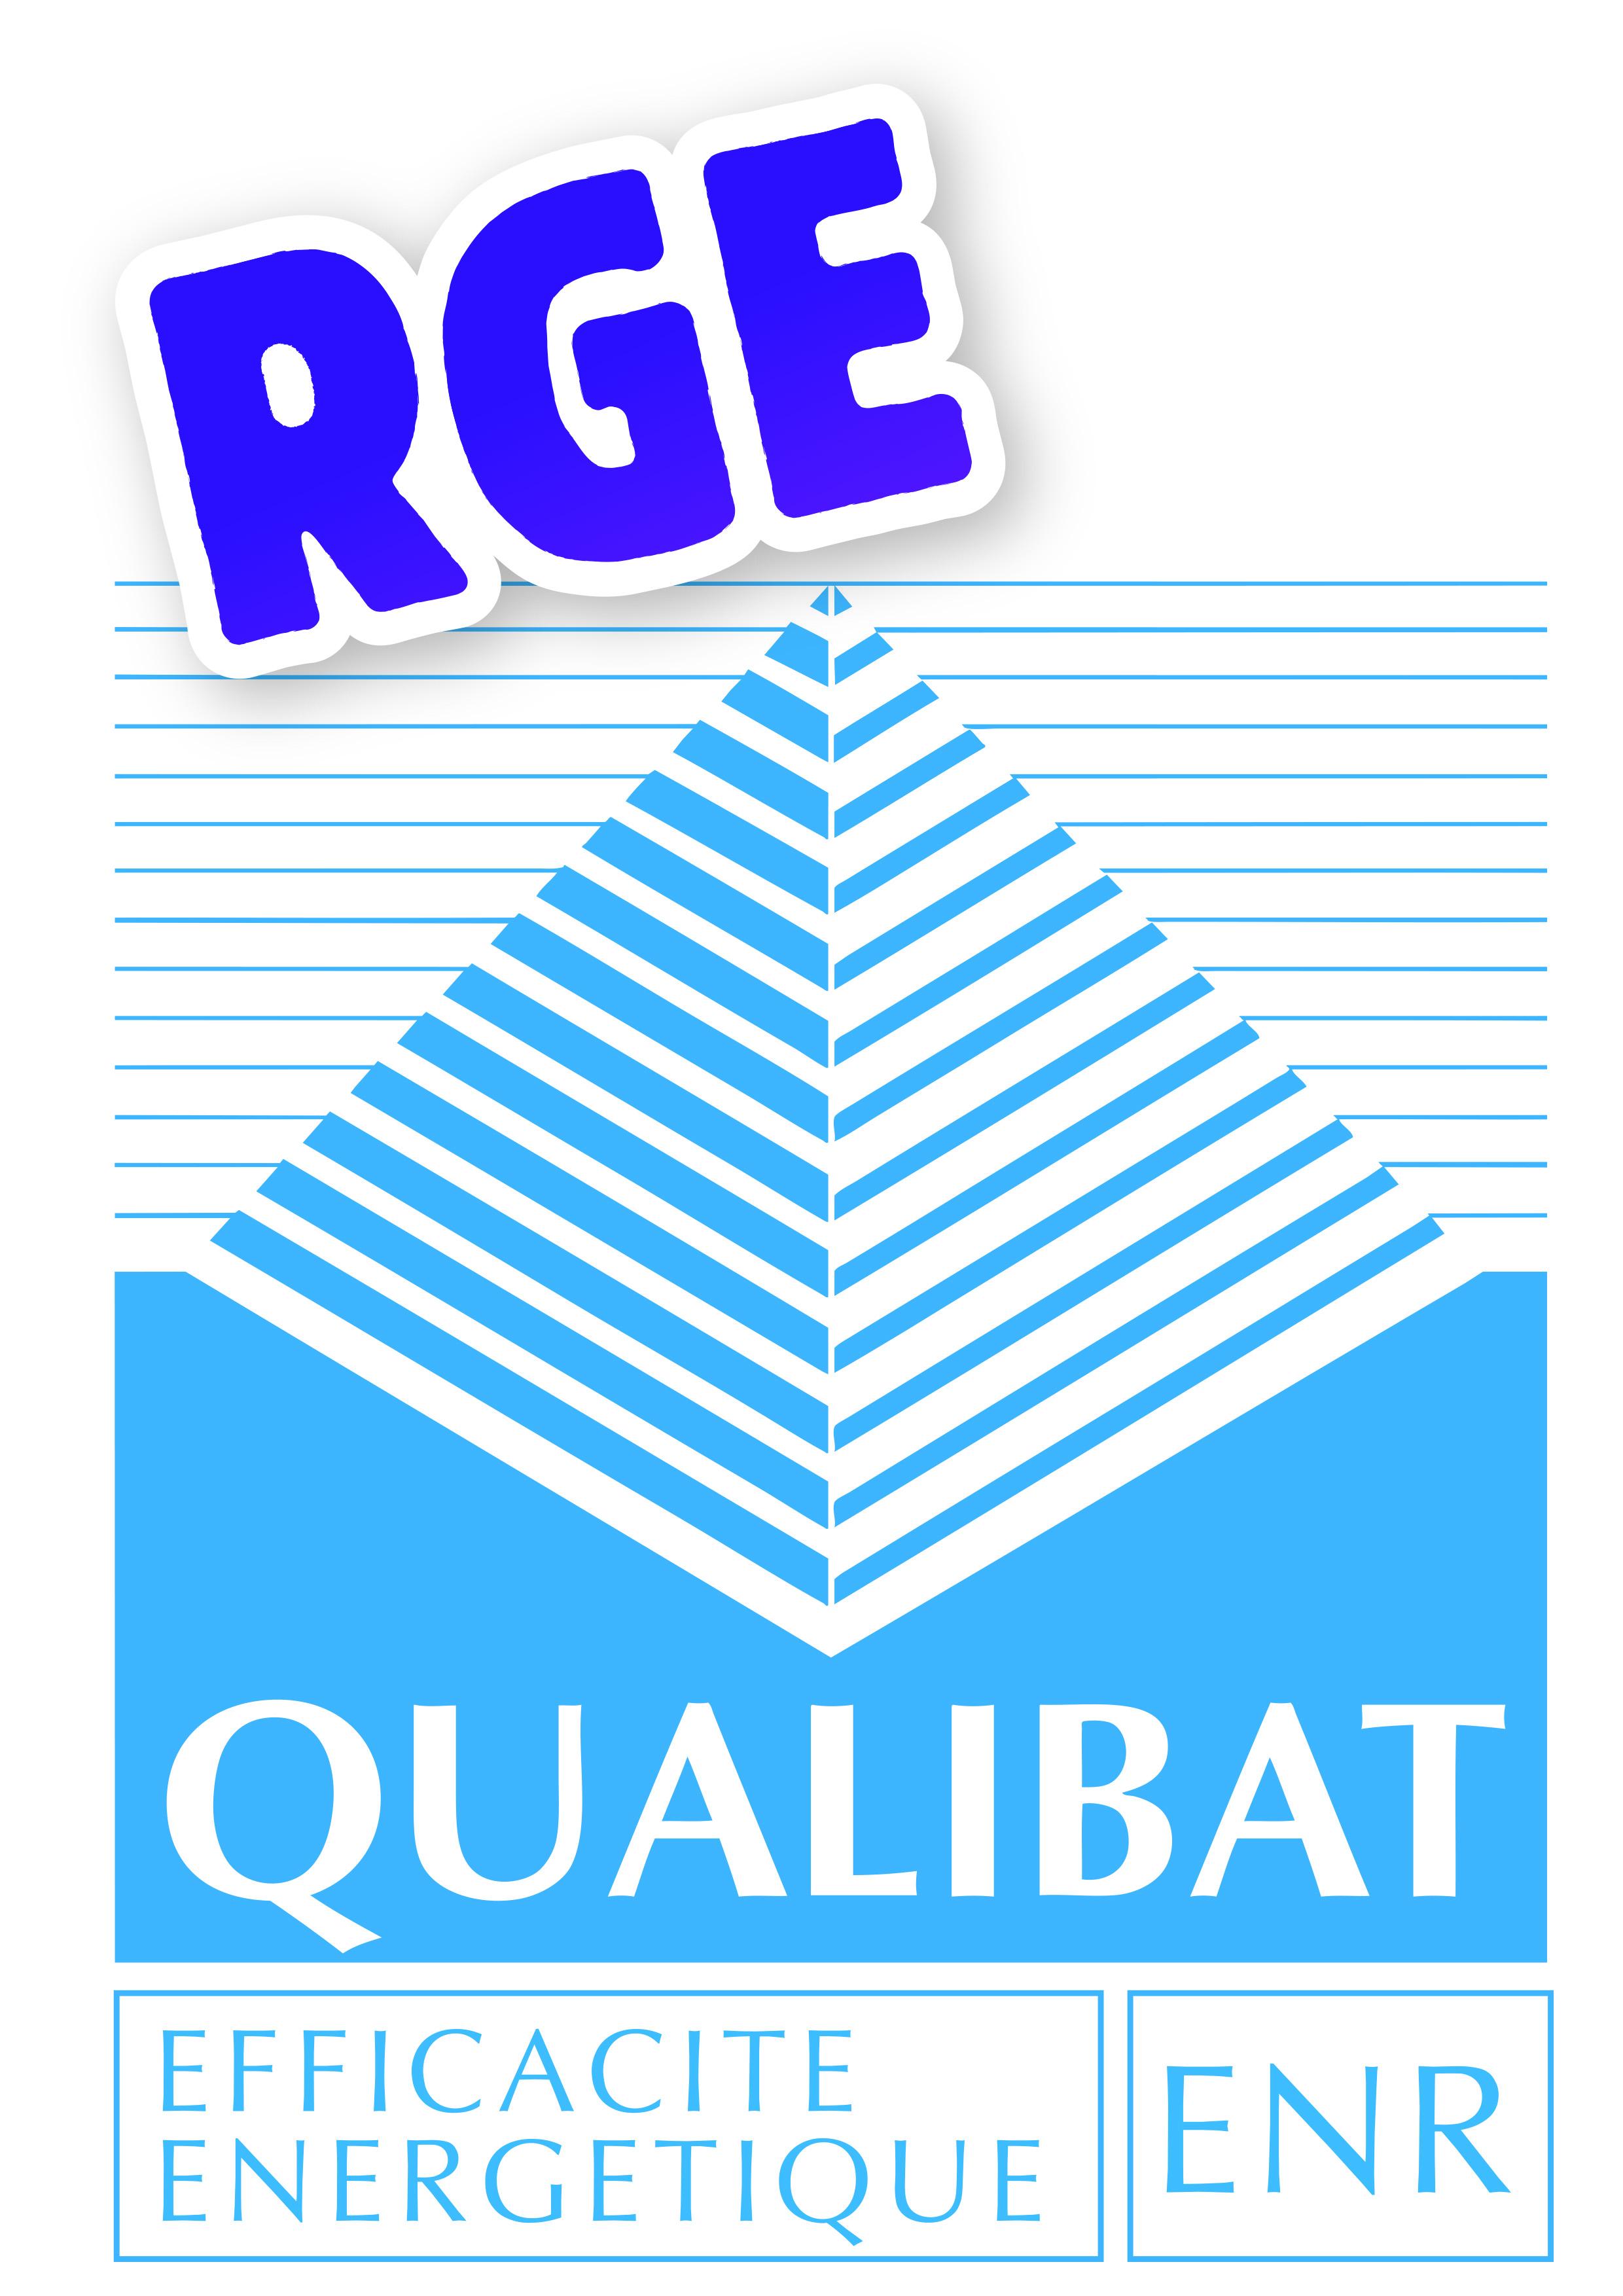 QUALIBAT+RGE+COULEUR